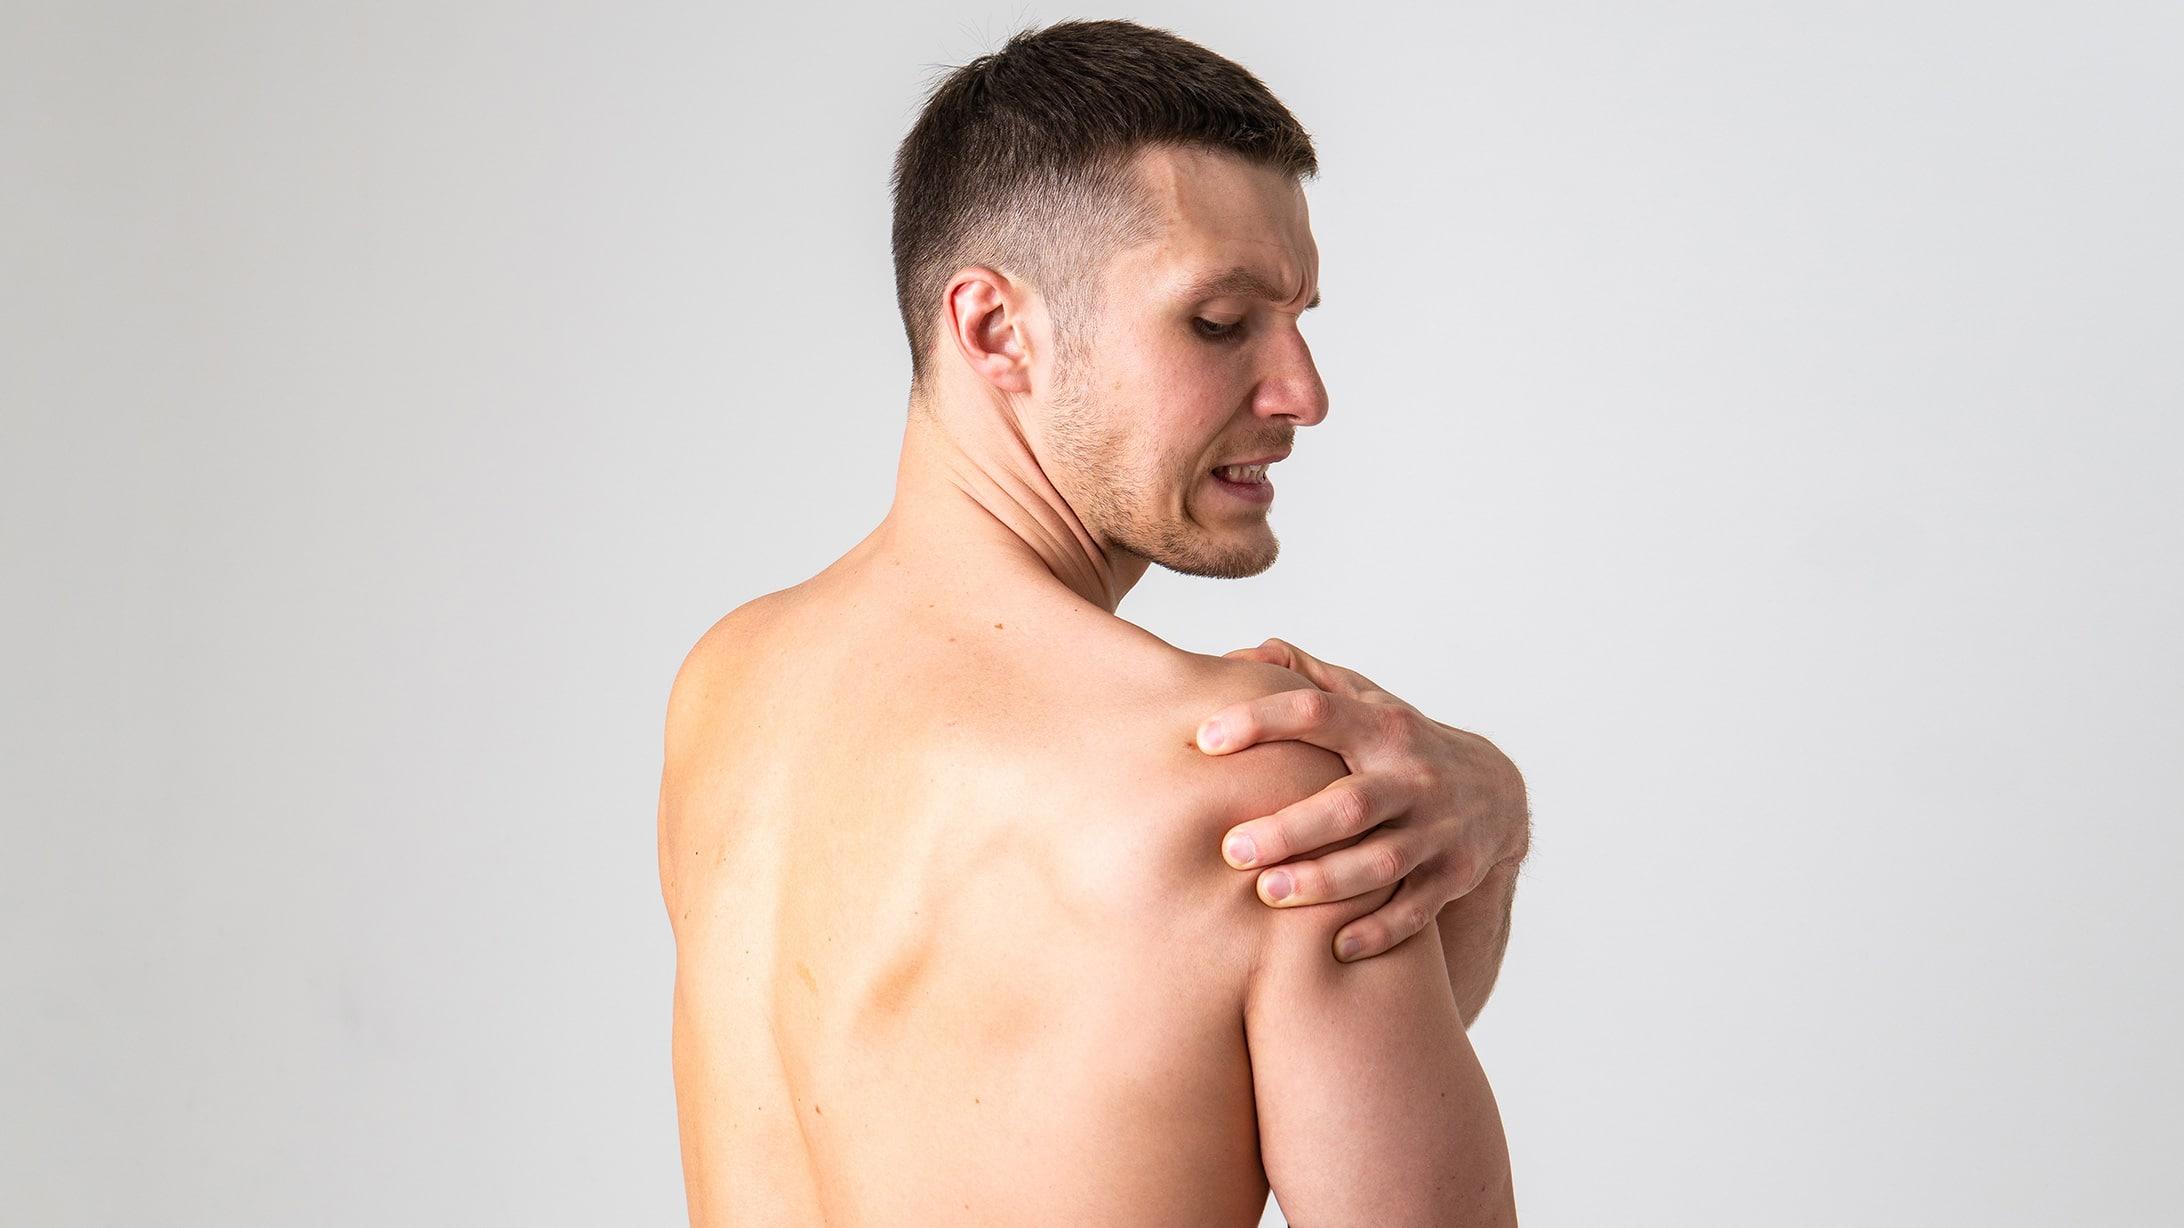 Ein Mann fasst sich mit schmerzverzerrtem Gesicht an die Schulter. Symbolbild für Impingement an der Schulter.